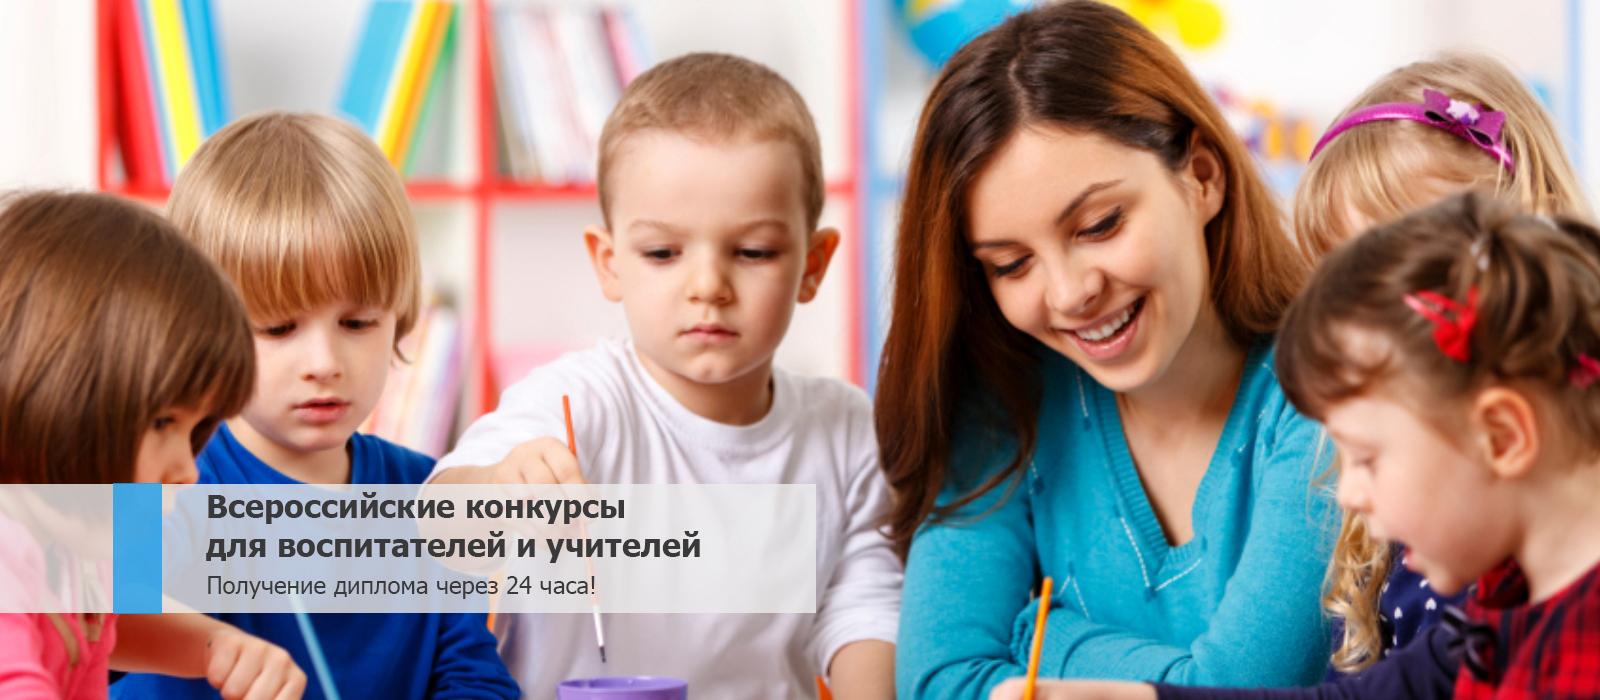 Всероссийские конкурсы для воспитателей и учителей